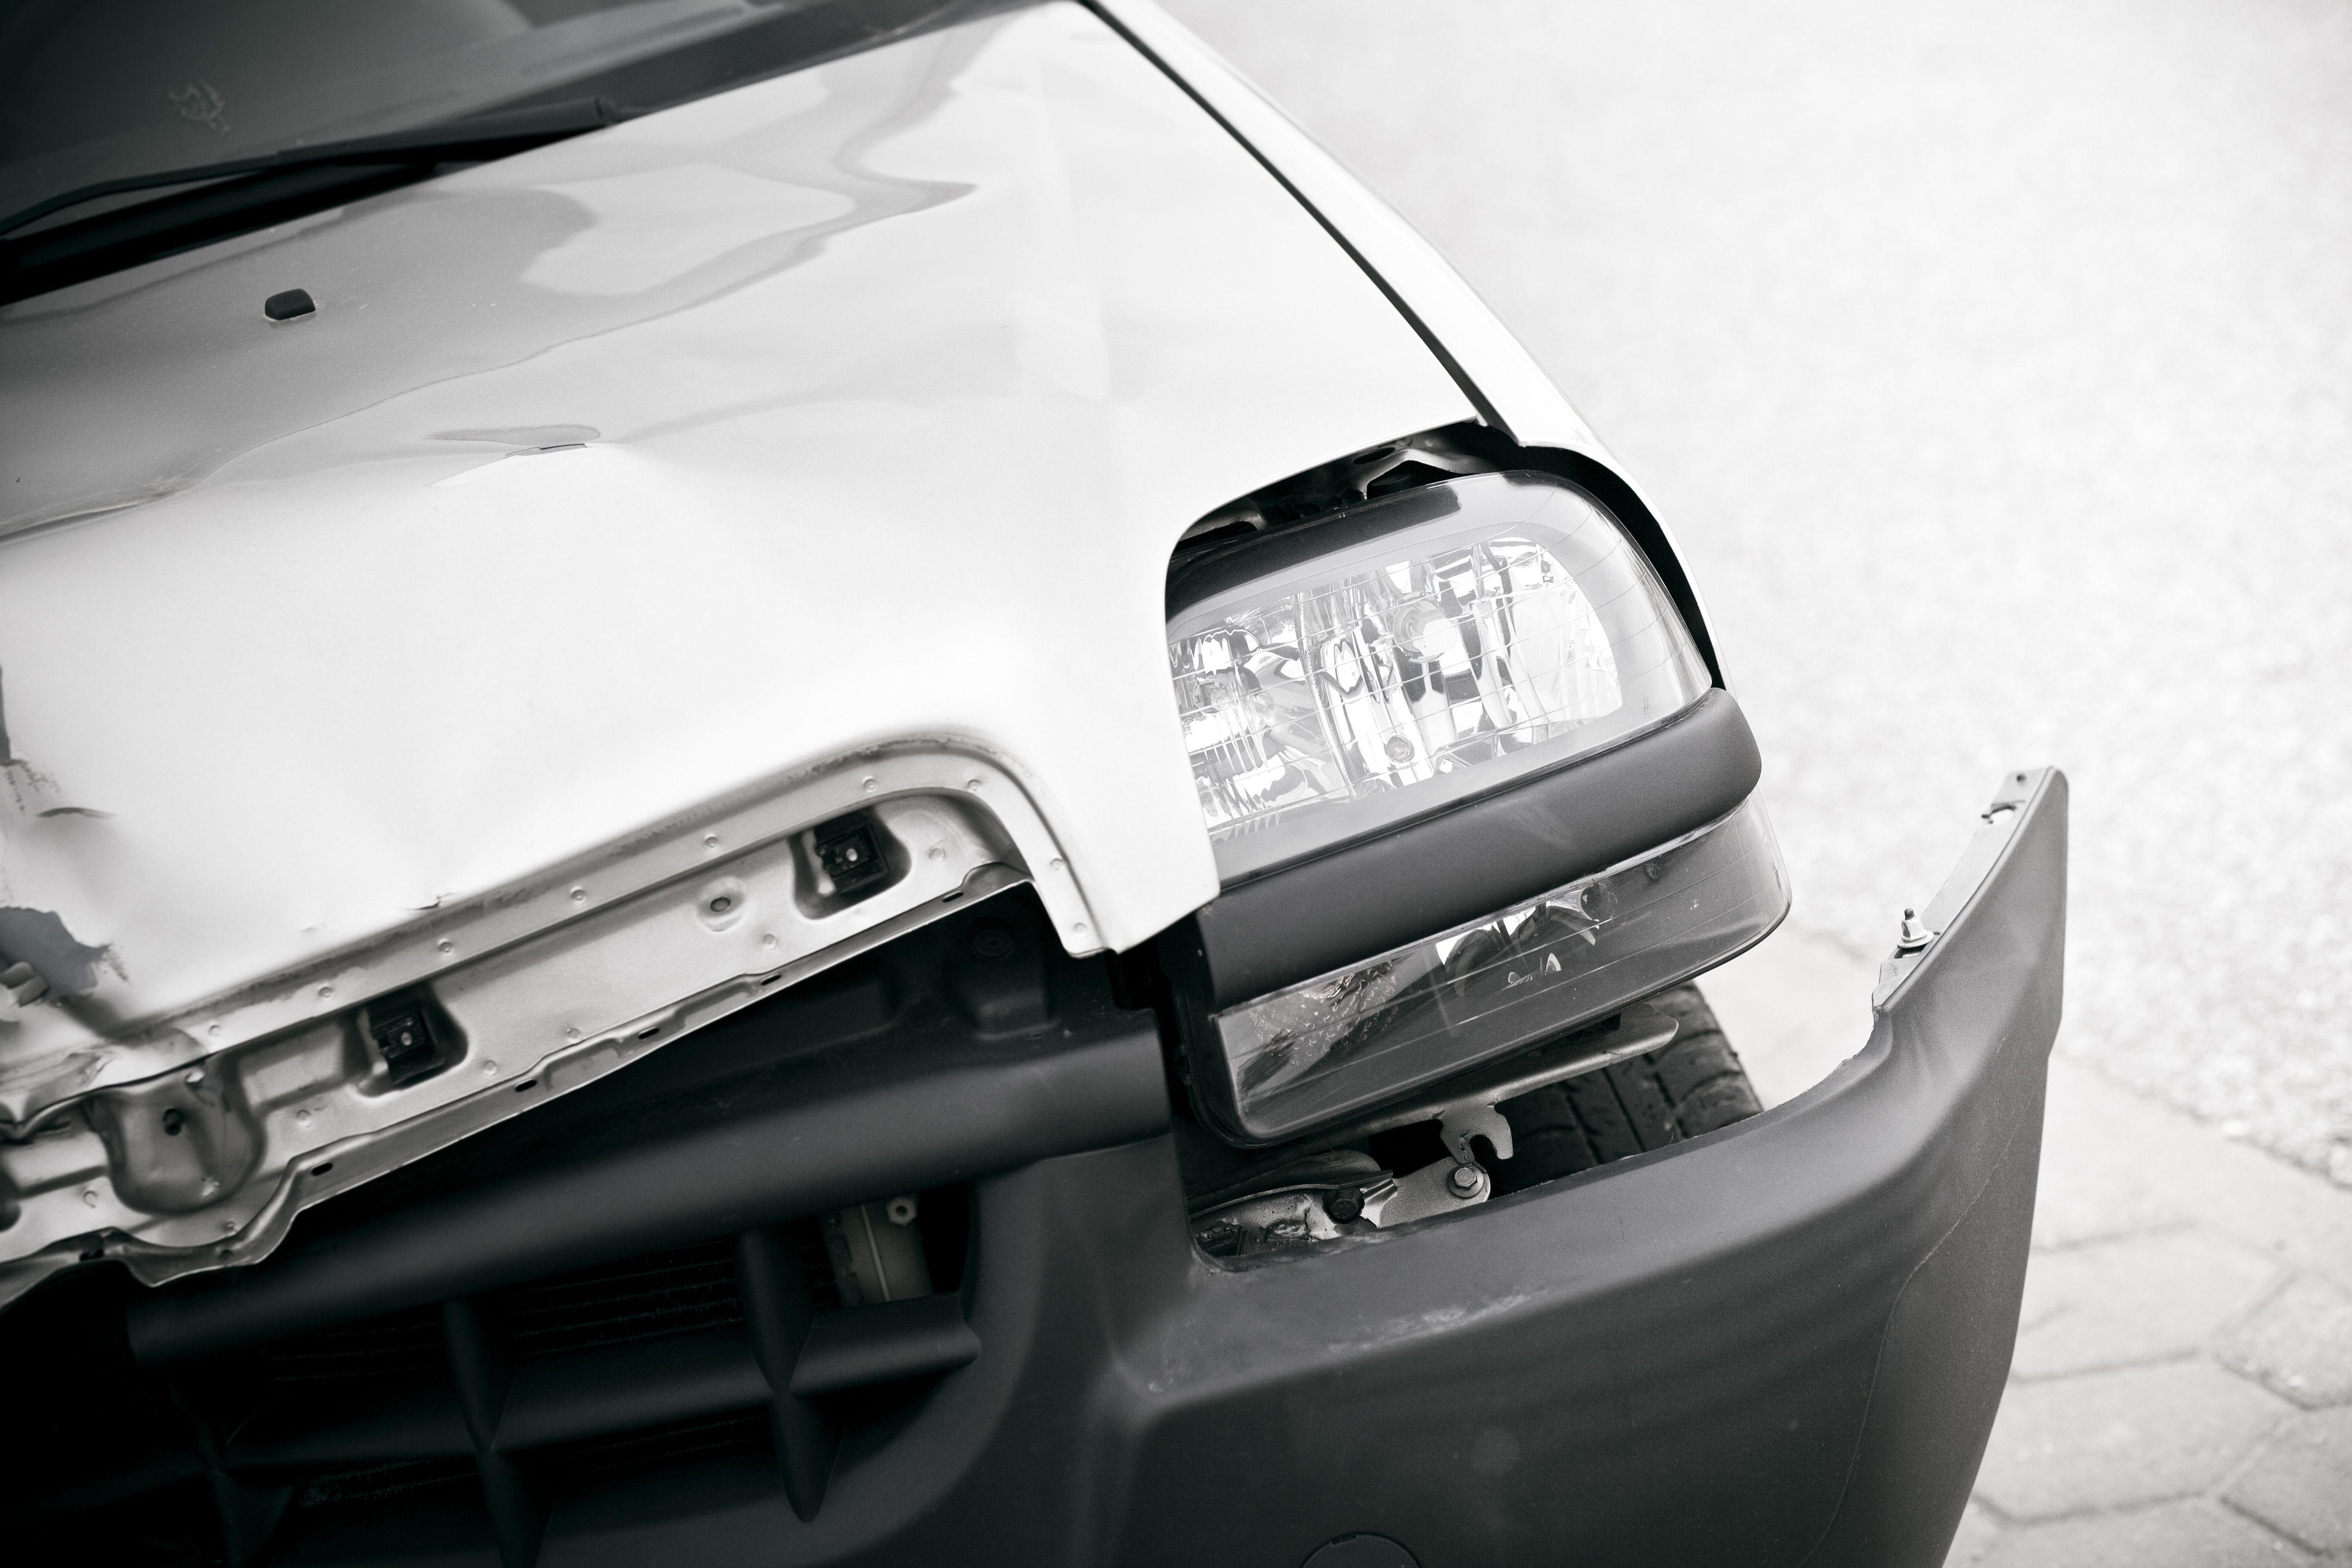 Basic Car Body Dent Repair Tips